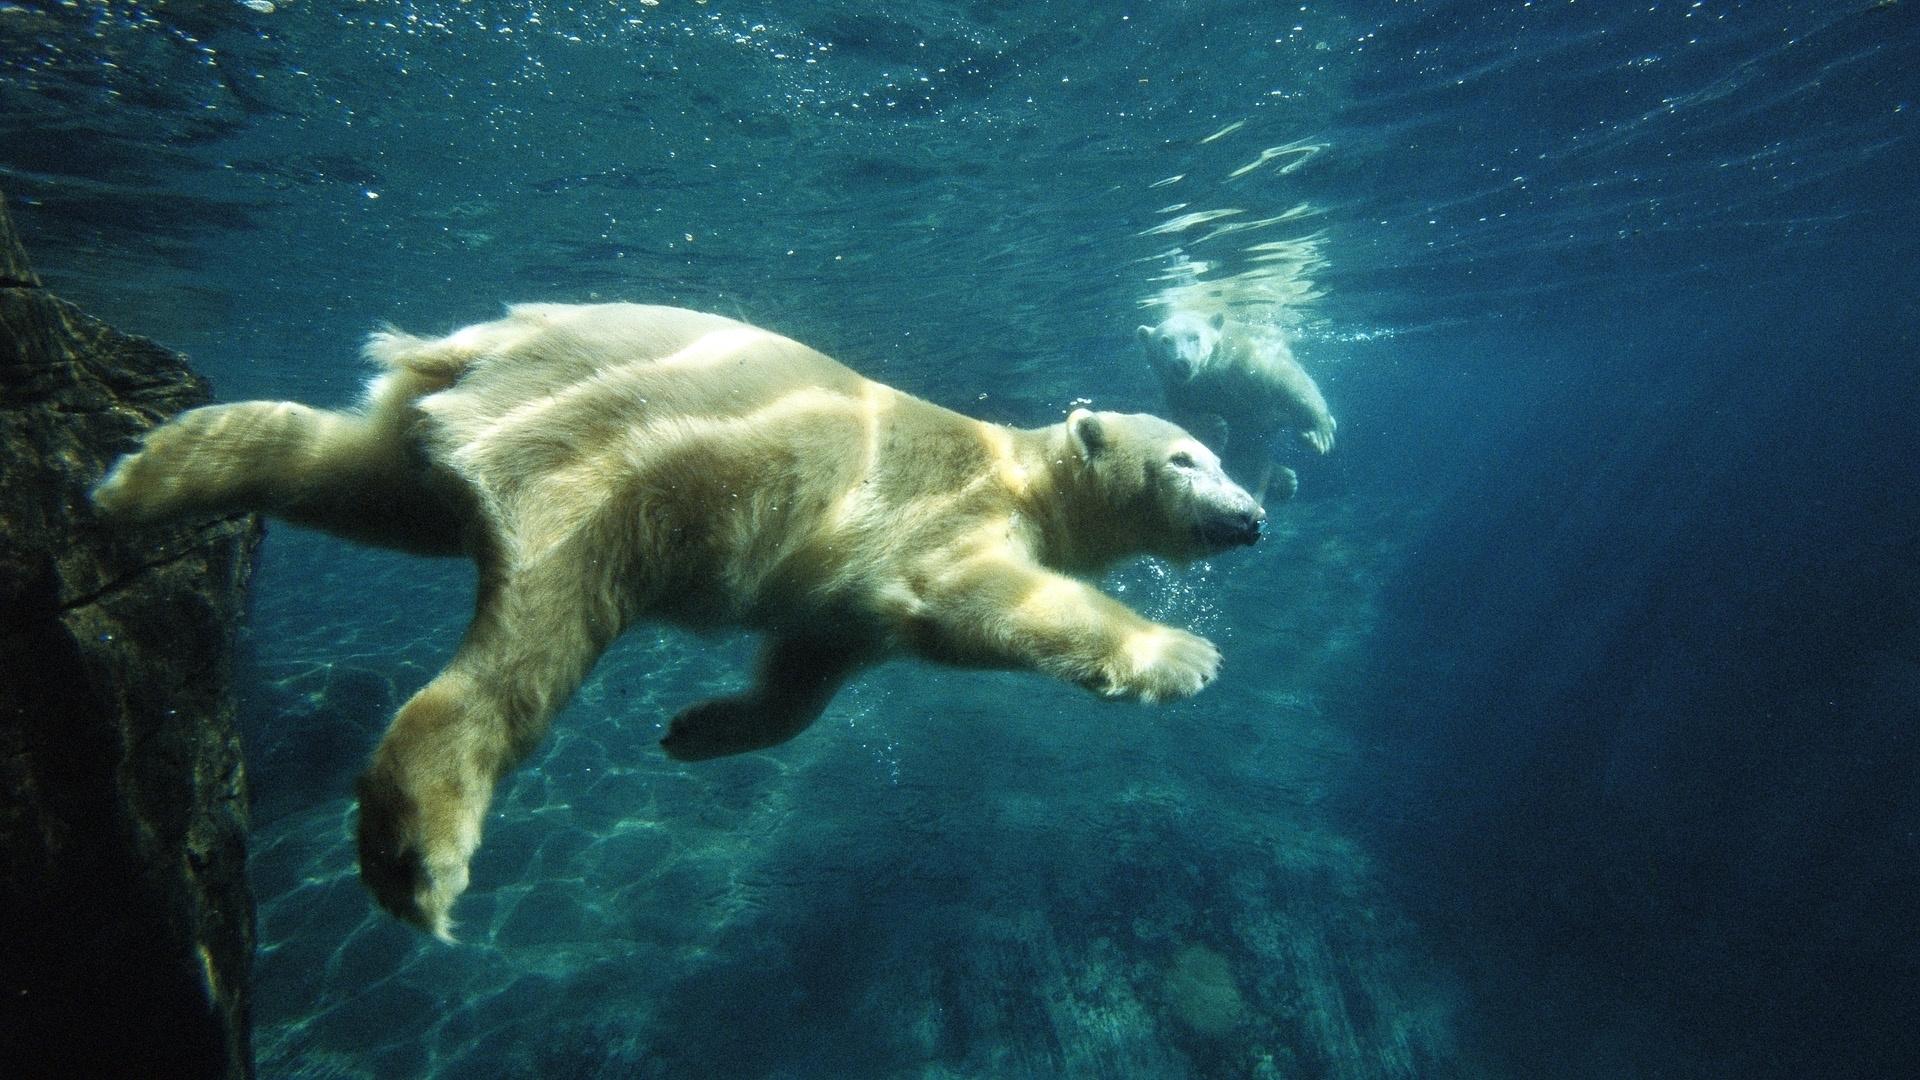 white bear deskto